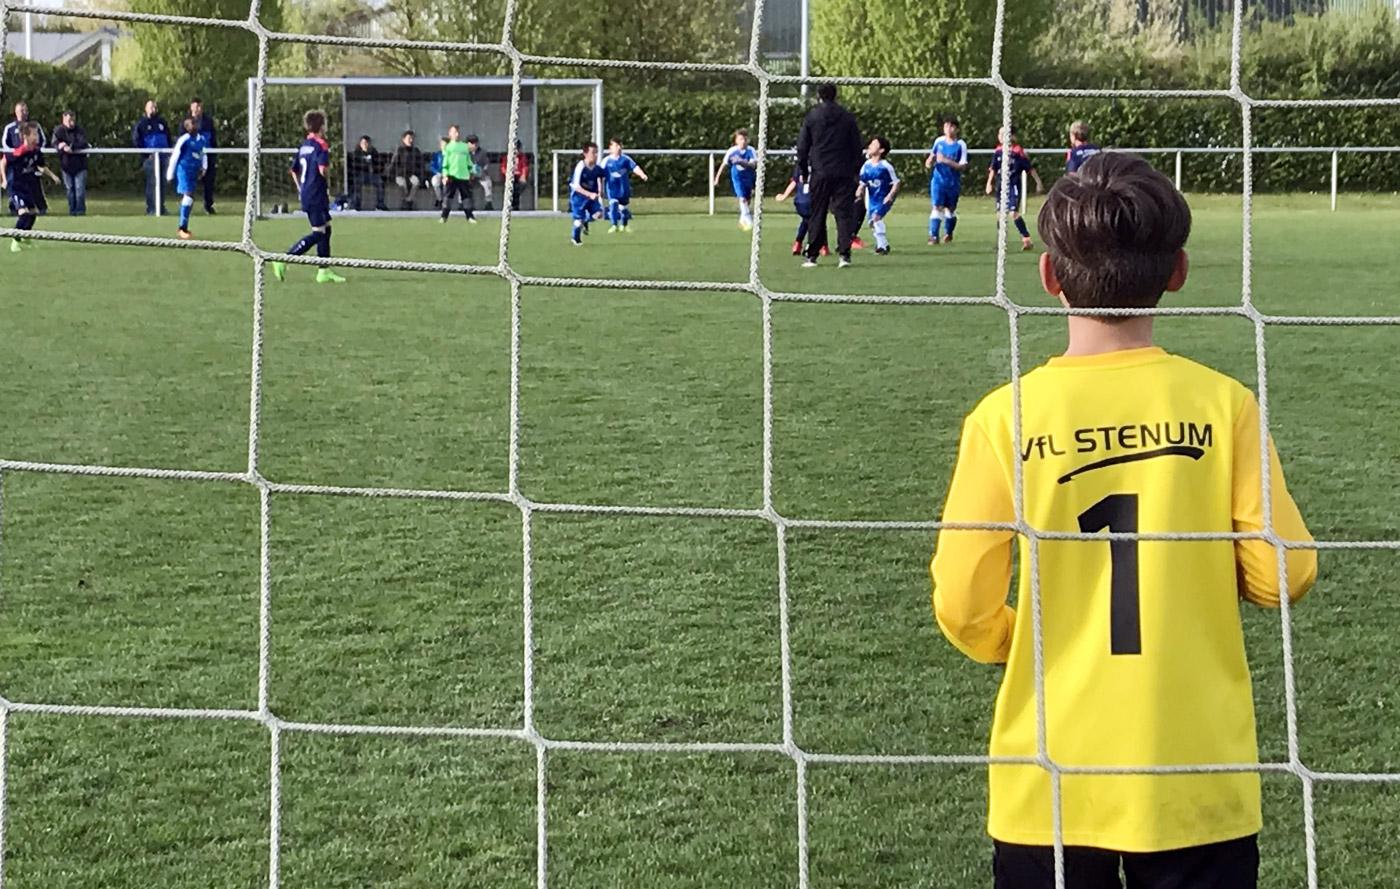 Konstantin hütete heute aushilfsweise unser Tor und sah überwiegend mit an, wie sich das Spielgeschehen in der gegnerischen Hälfte abspielte.